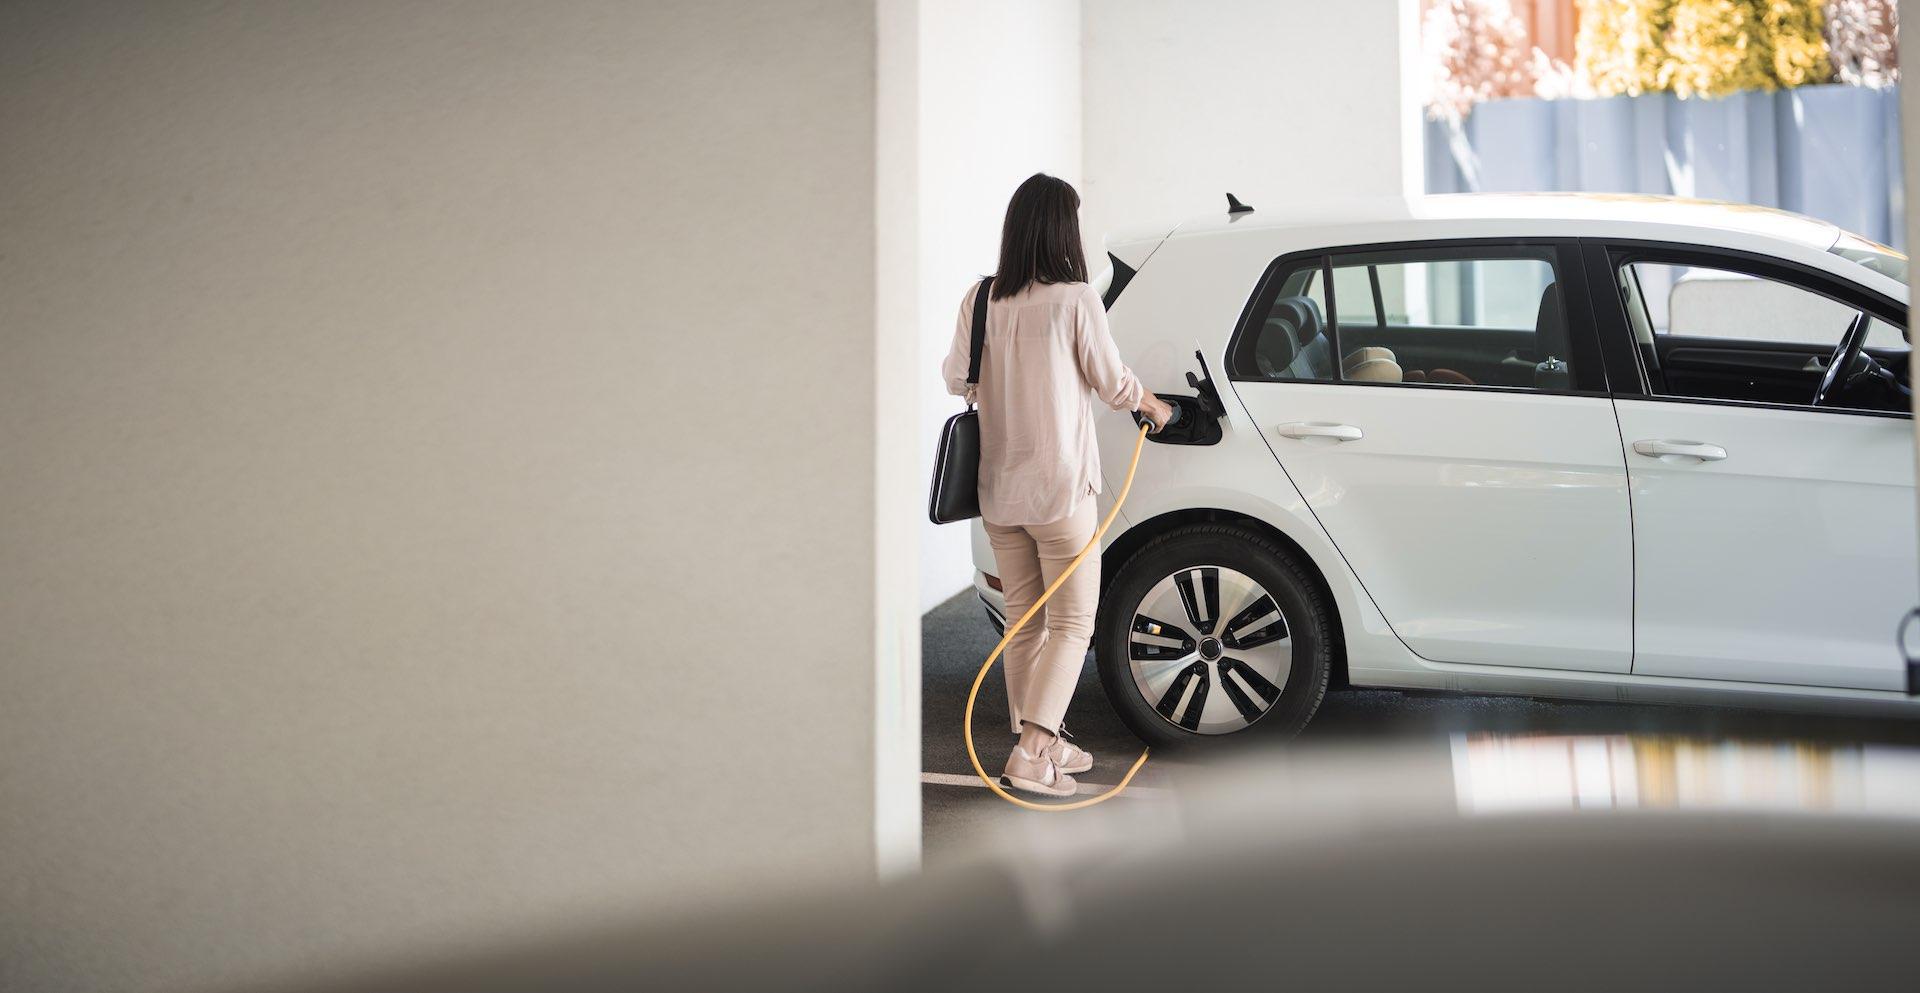 Ladesäulen auf dem Parkplatz und in der Tiefgarage – wie kann die WEG in Sachen E-Mobilität auf- und nachrüsten? Ein Experten-Interview